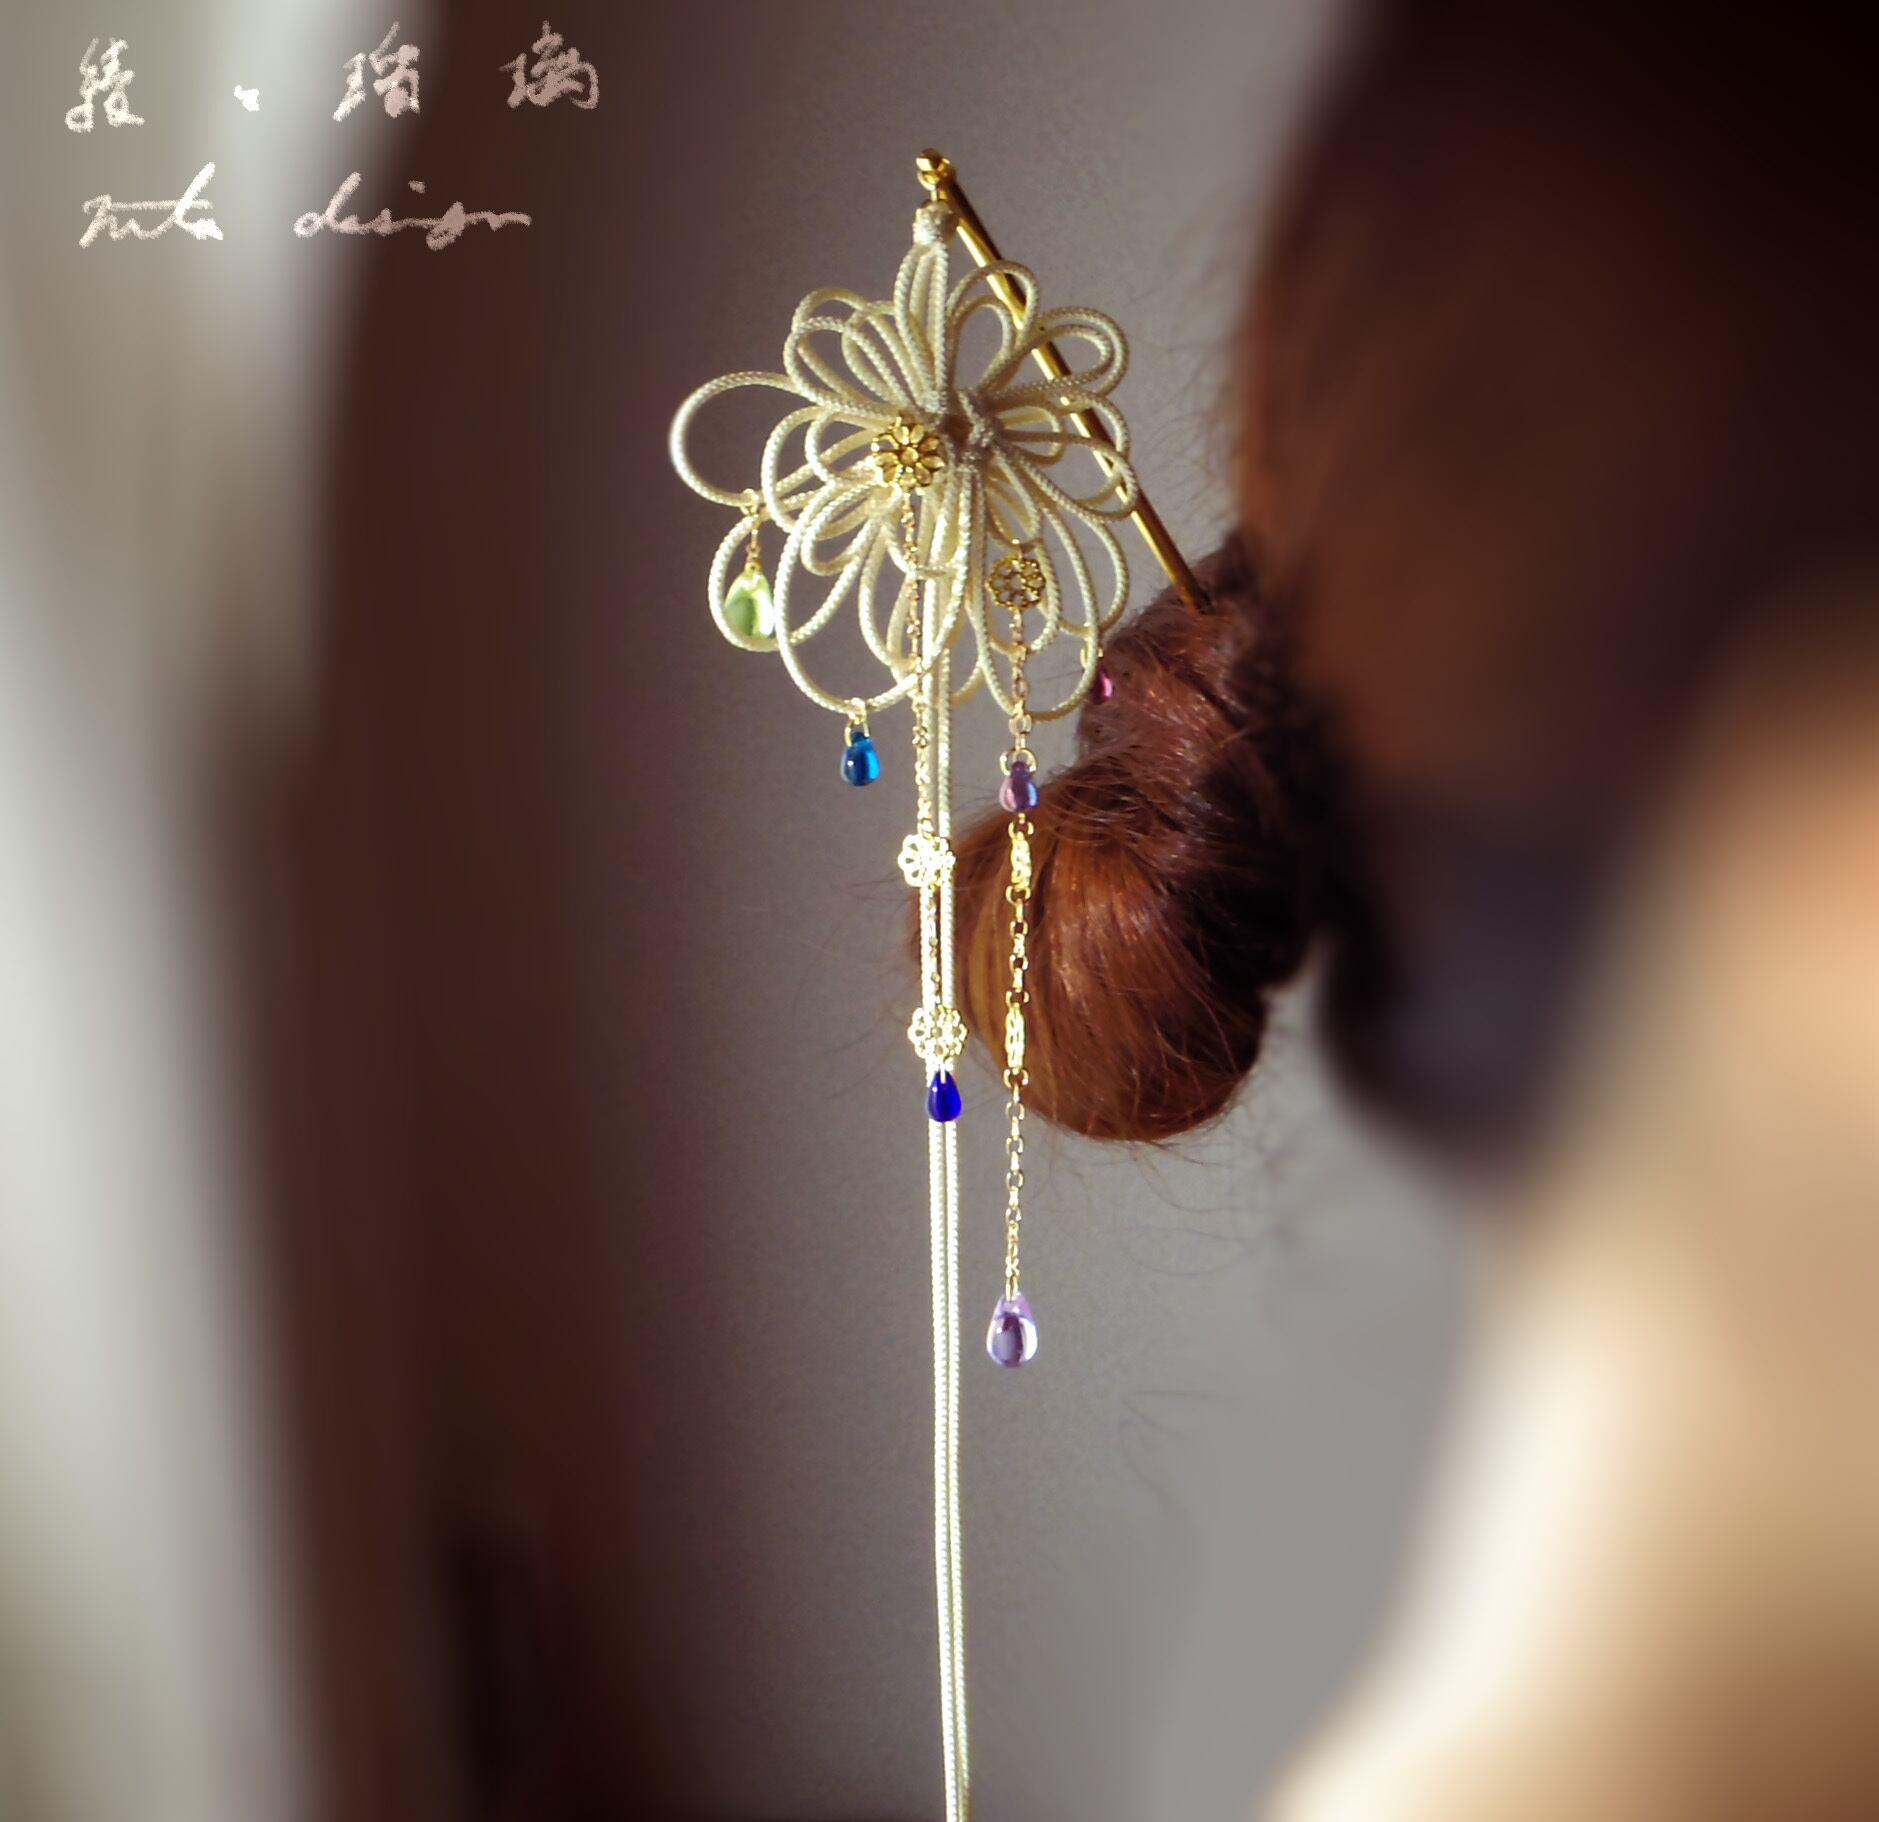 かんざし「綾と瑠璃」